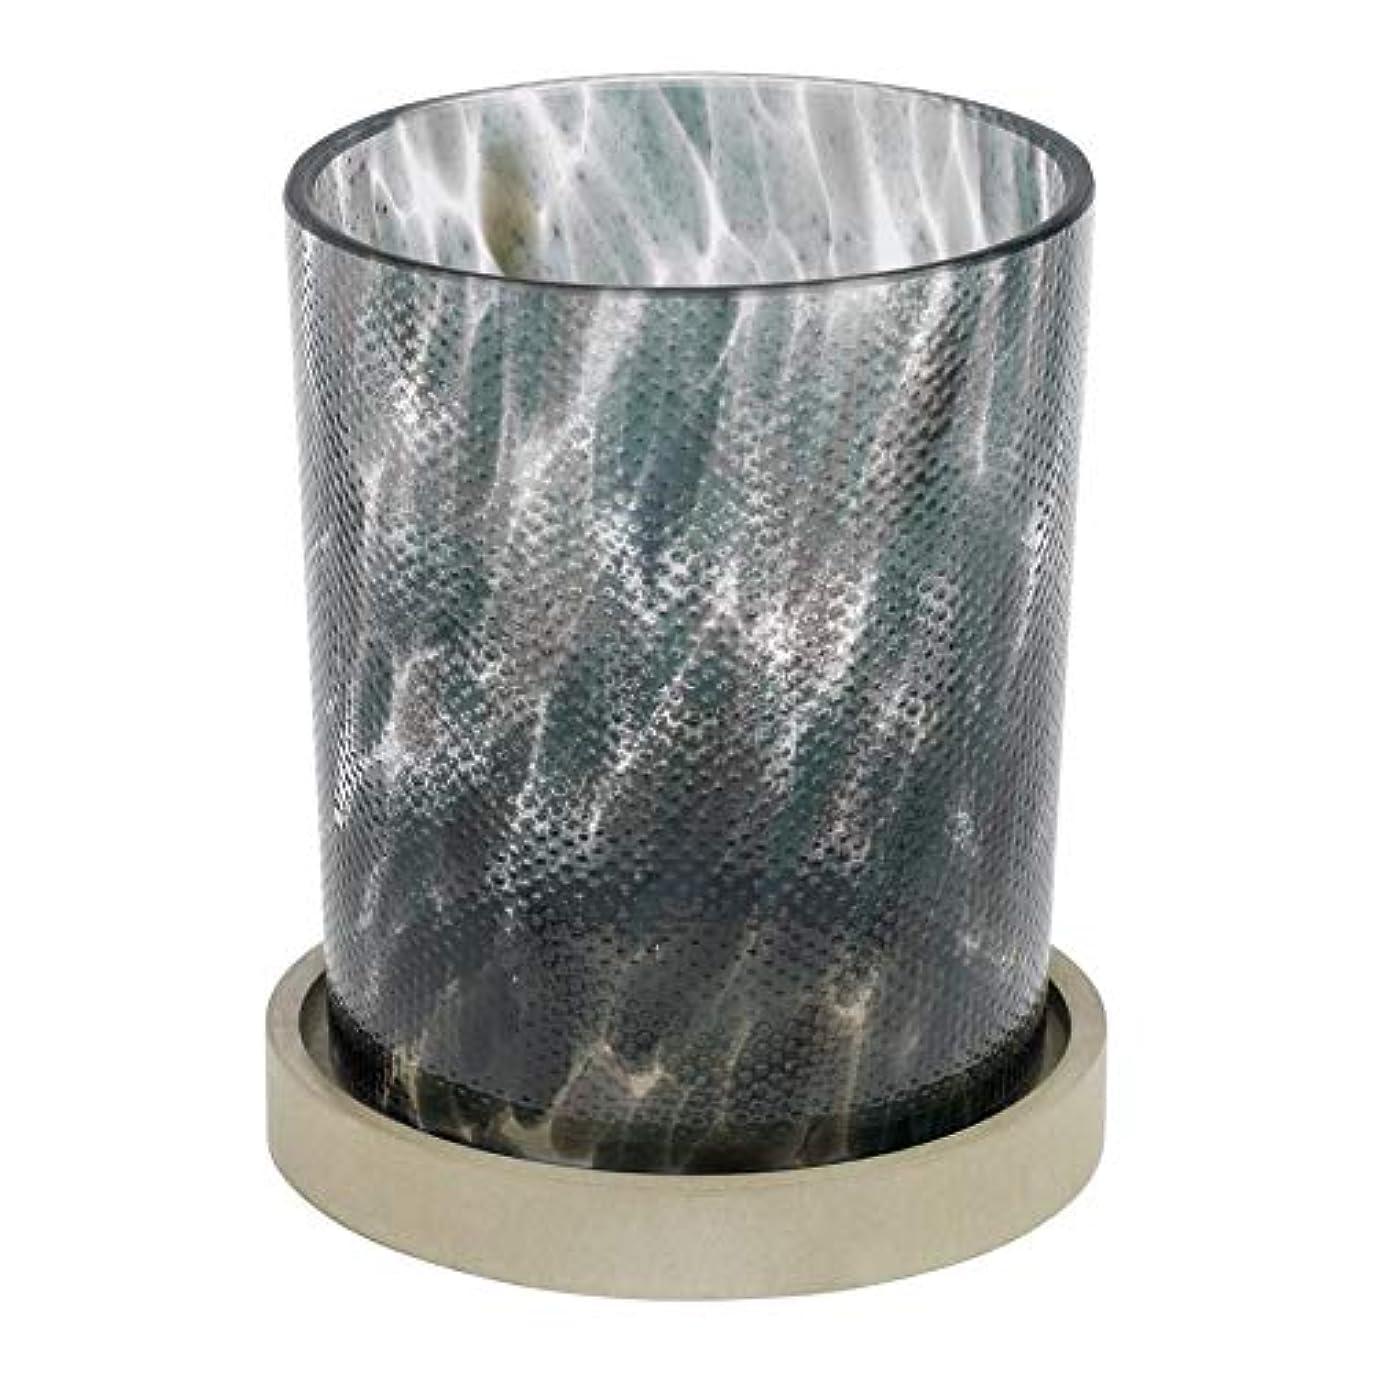 コショウのためキャンペーン[Diptyque] Diptyque黒ラBazareデュTrente-キャトルキャンドルホルダー - Diptyque Black La Bazare du Trente-Quatre Candle Holder [並行輸入品]